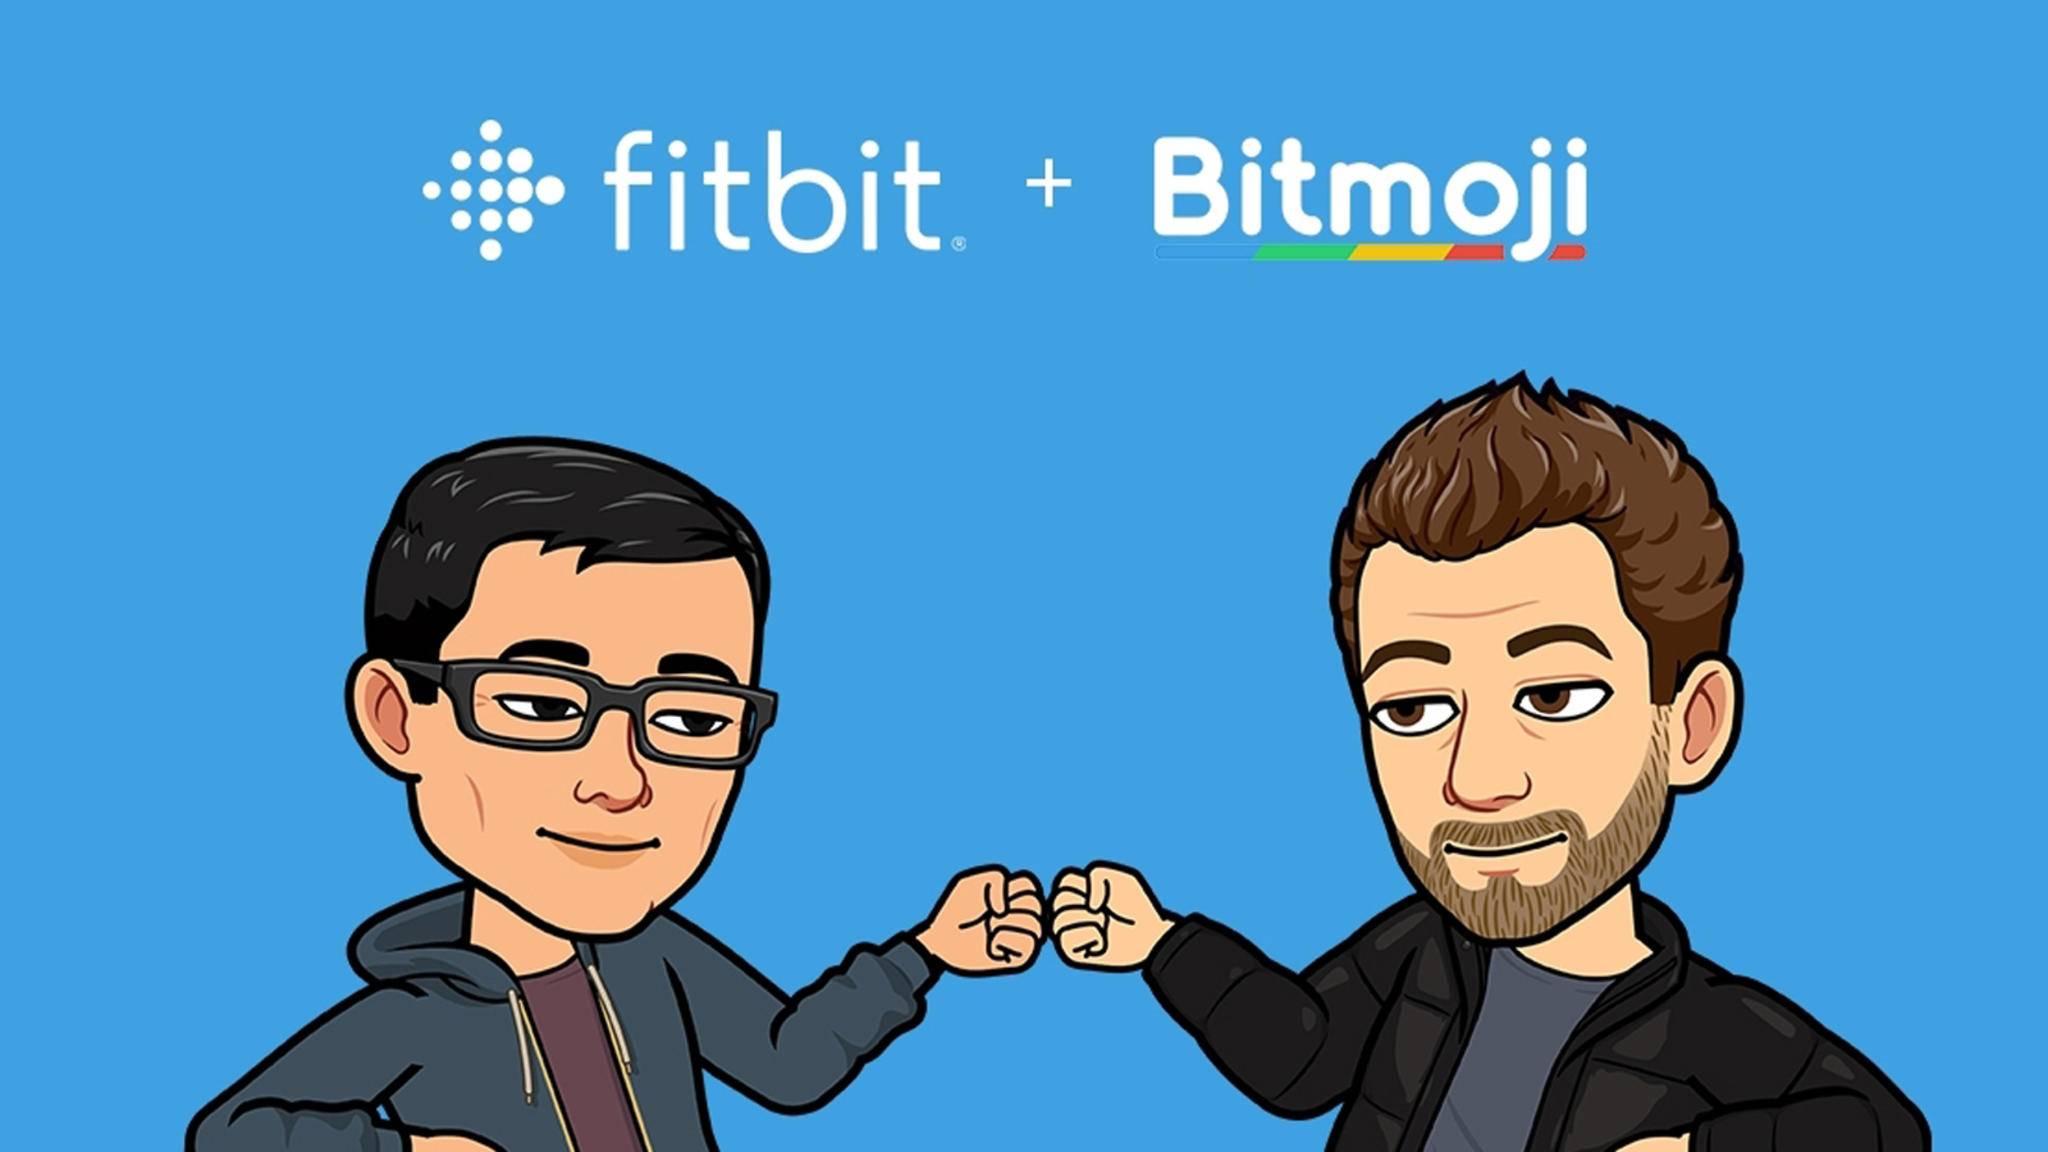 Motivation von Dir selbst? Dank der Zusammenarbeit von Fitbit und Bitmoji ist das künftig möglich.